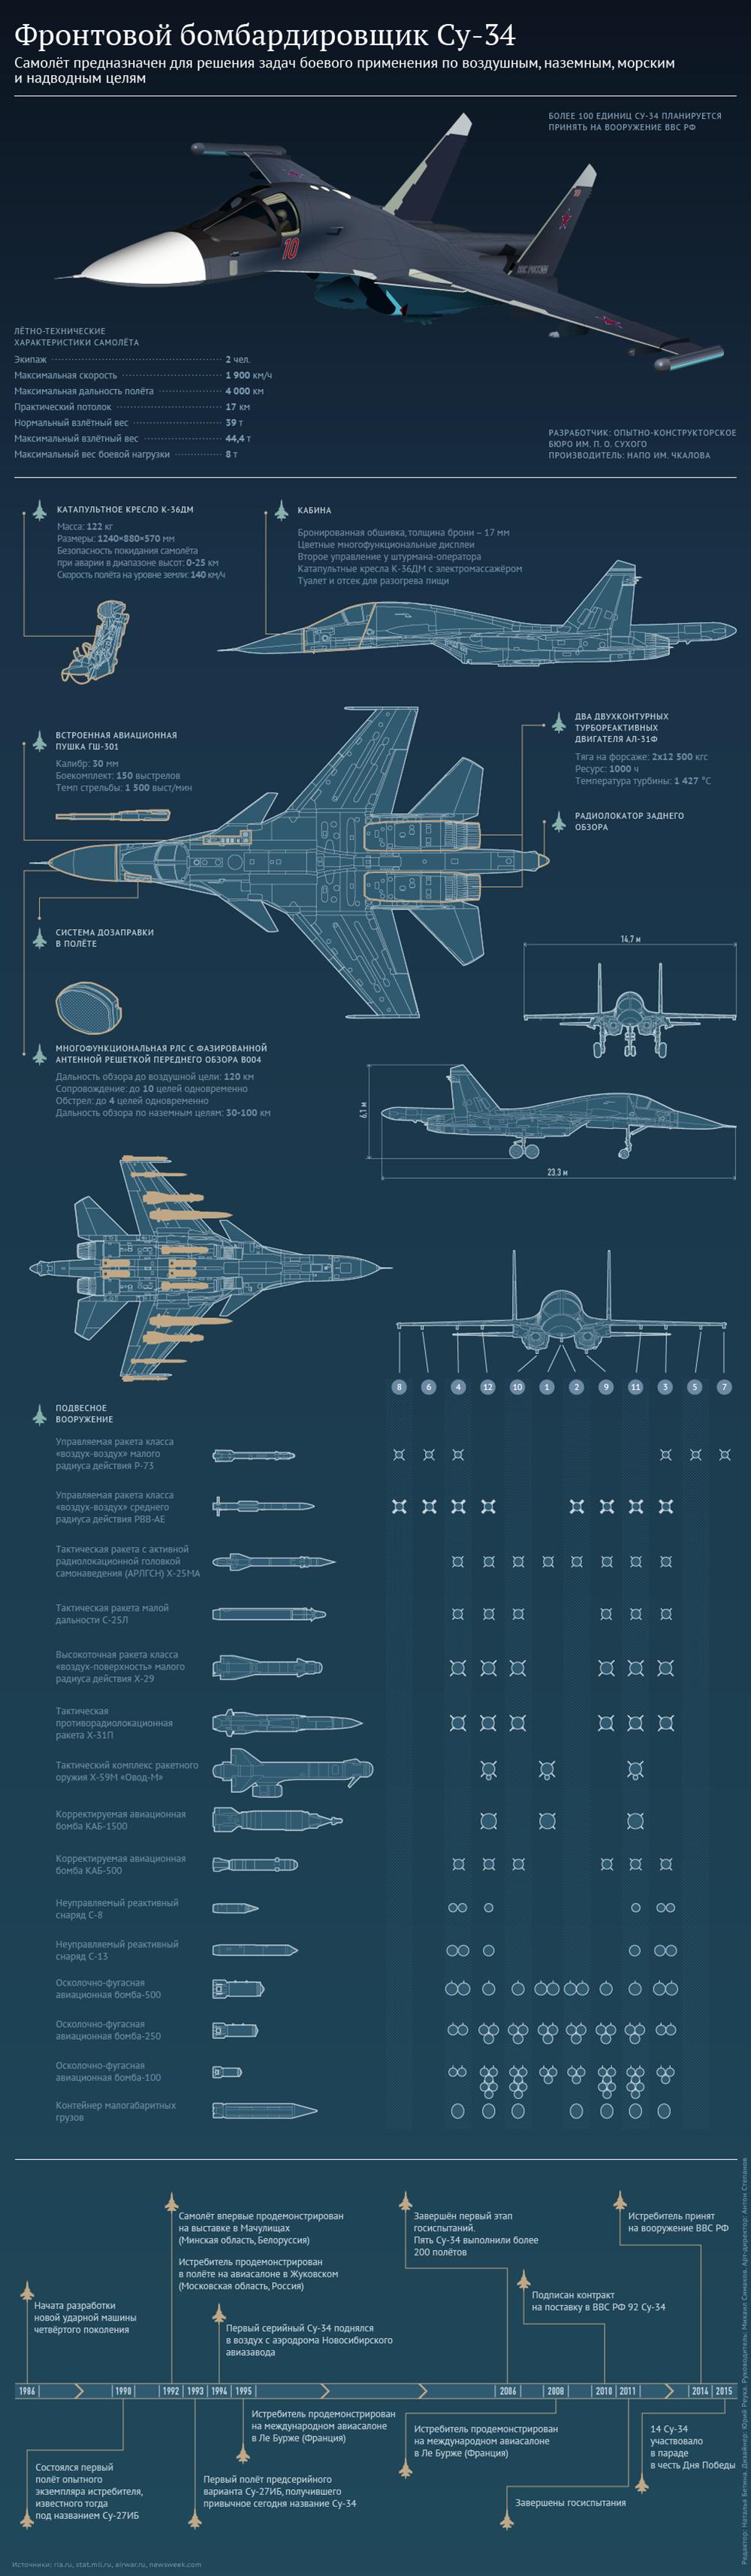 Характеристики бомбардировщика Су-34